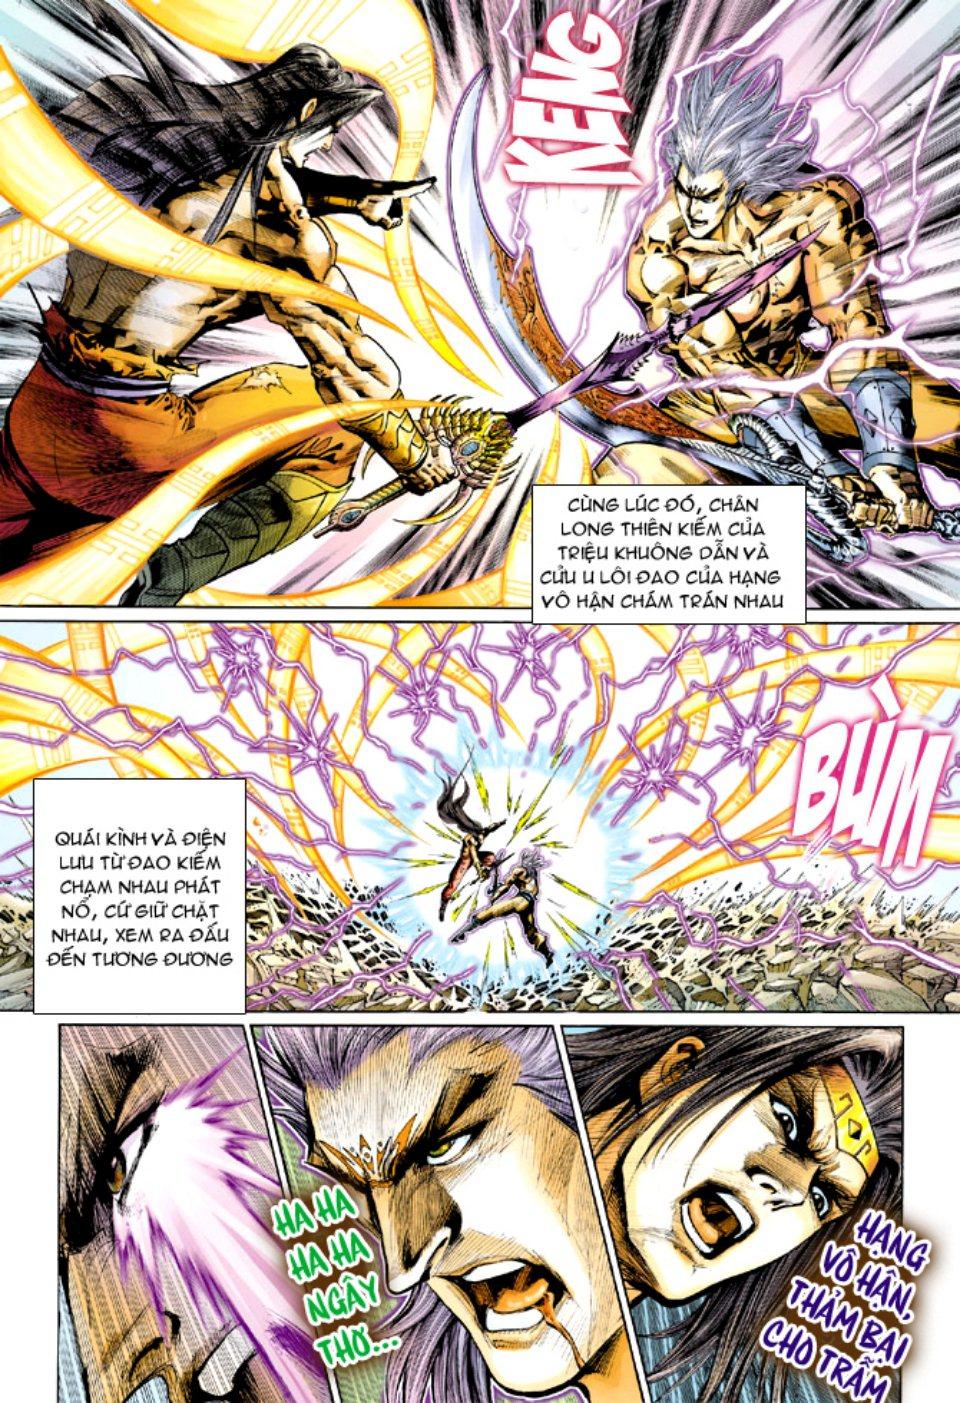 Thiên Tử Truyền Kỳ 5 - Như Lai Thần Chưởng chap 214 - Trang 6